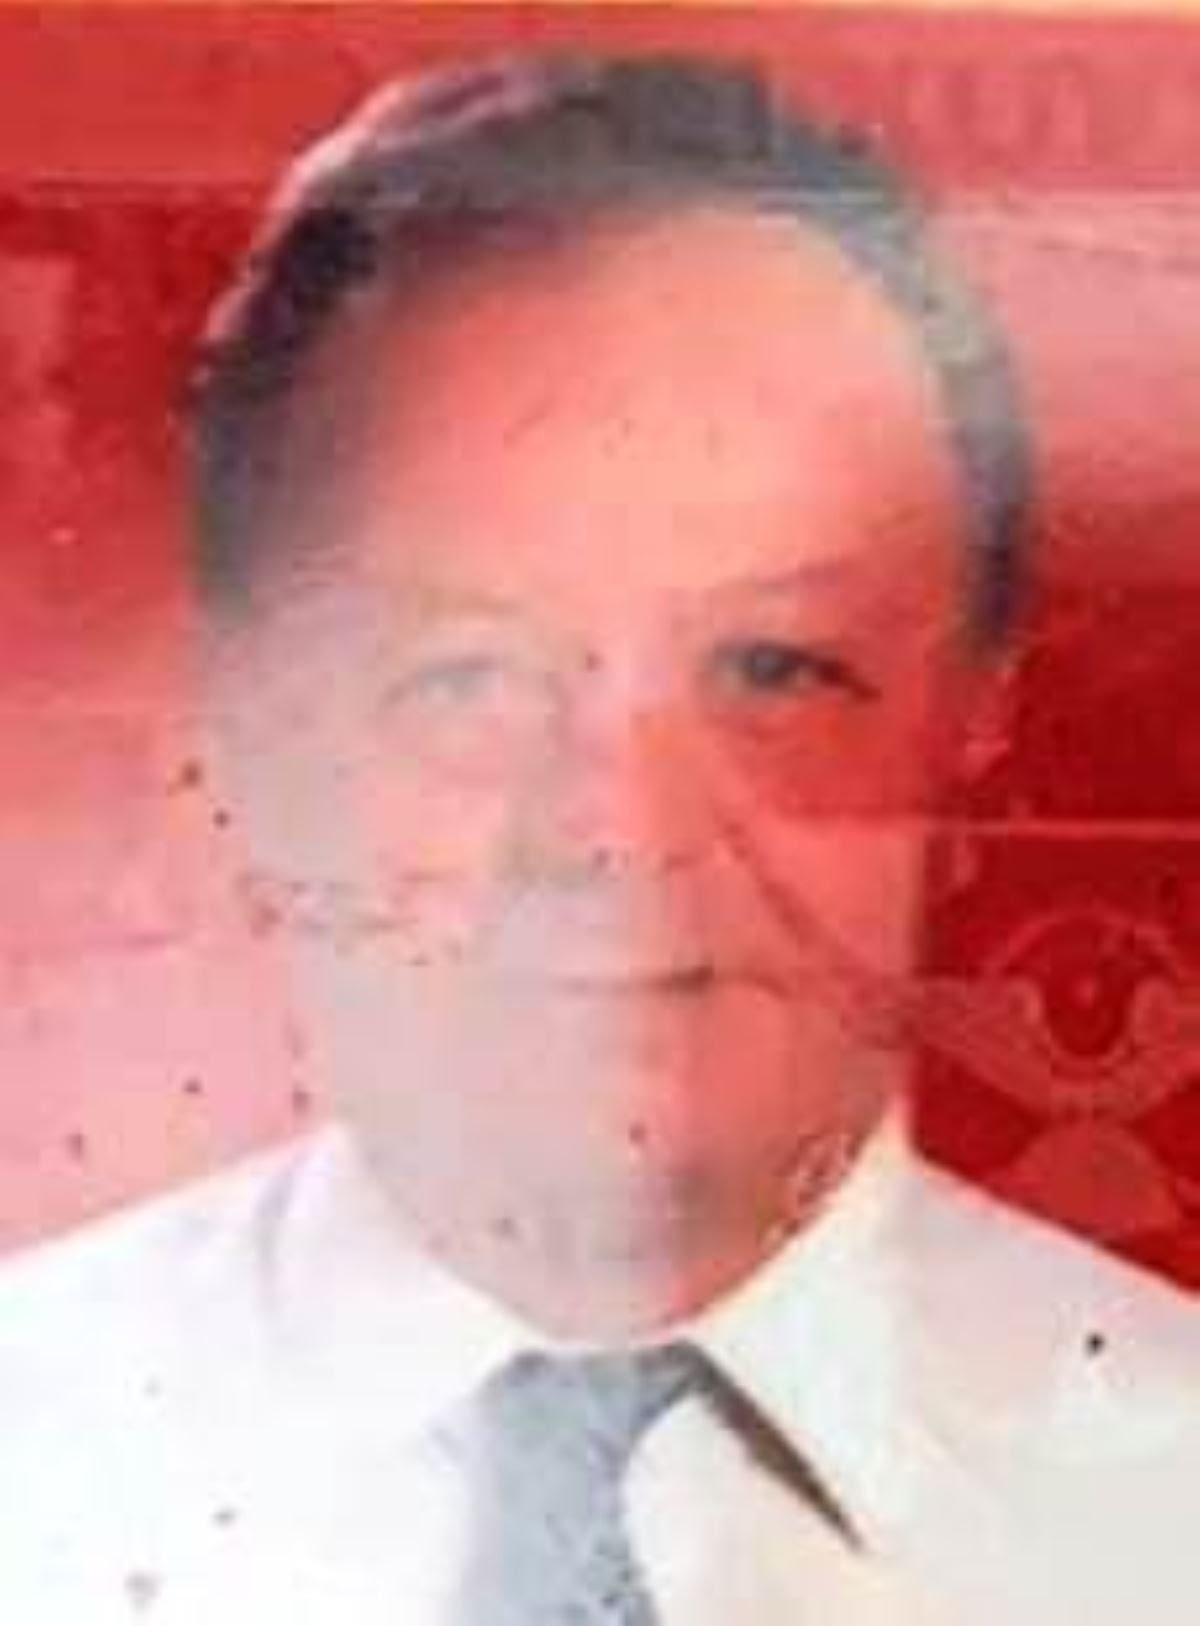 muğla da emekli subay evinde ölü olarak bulundu